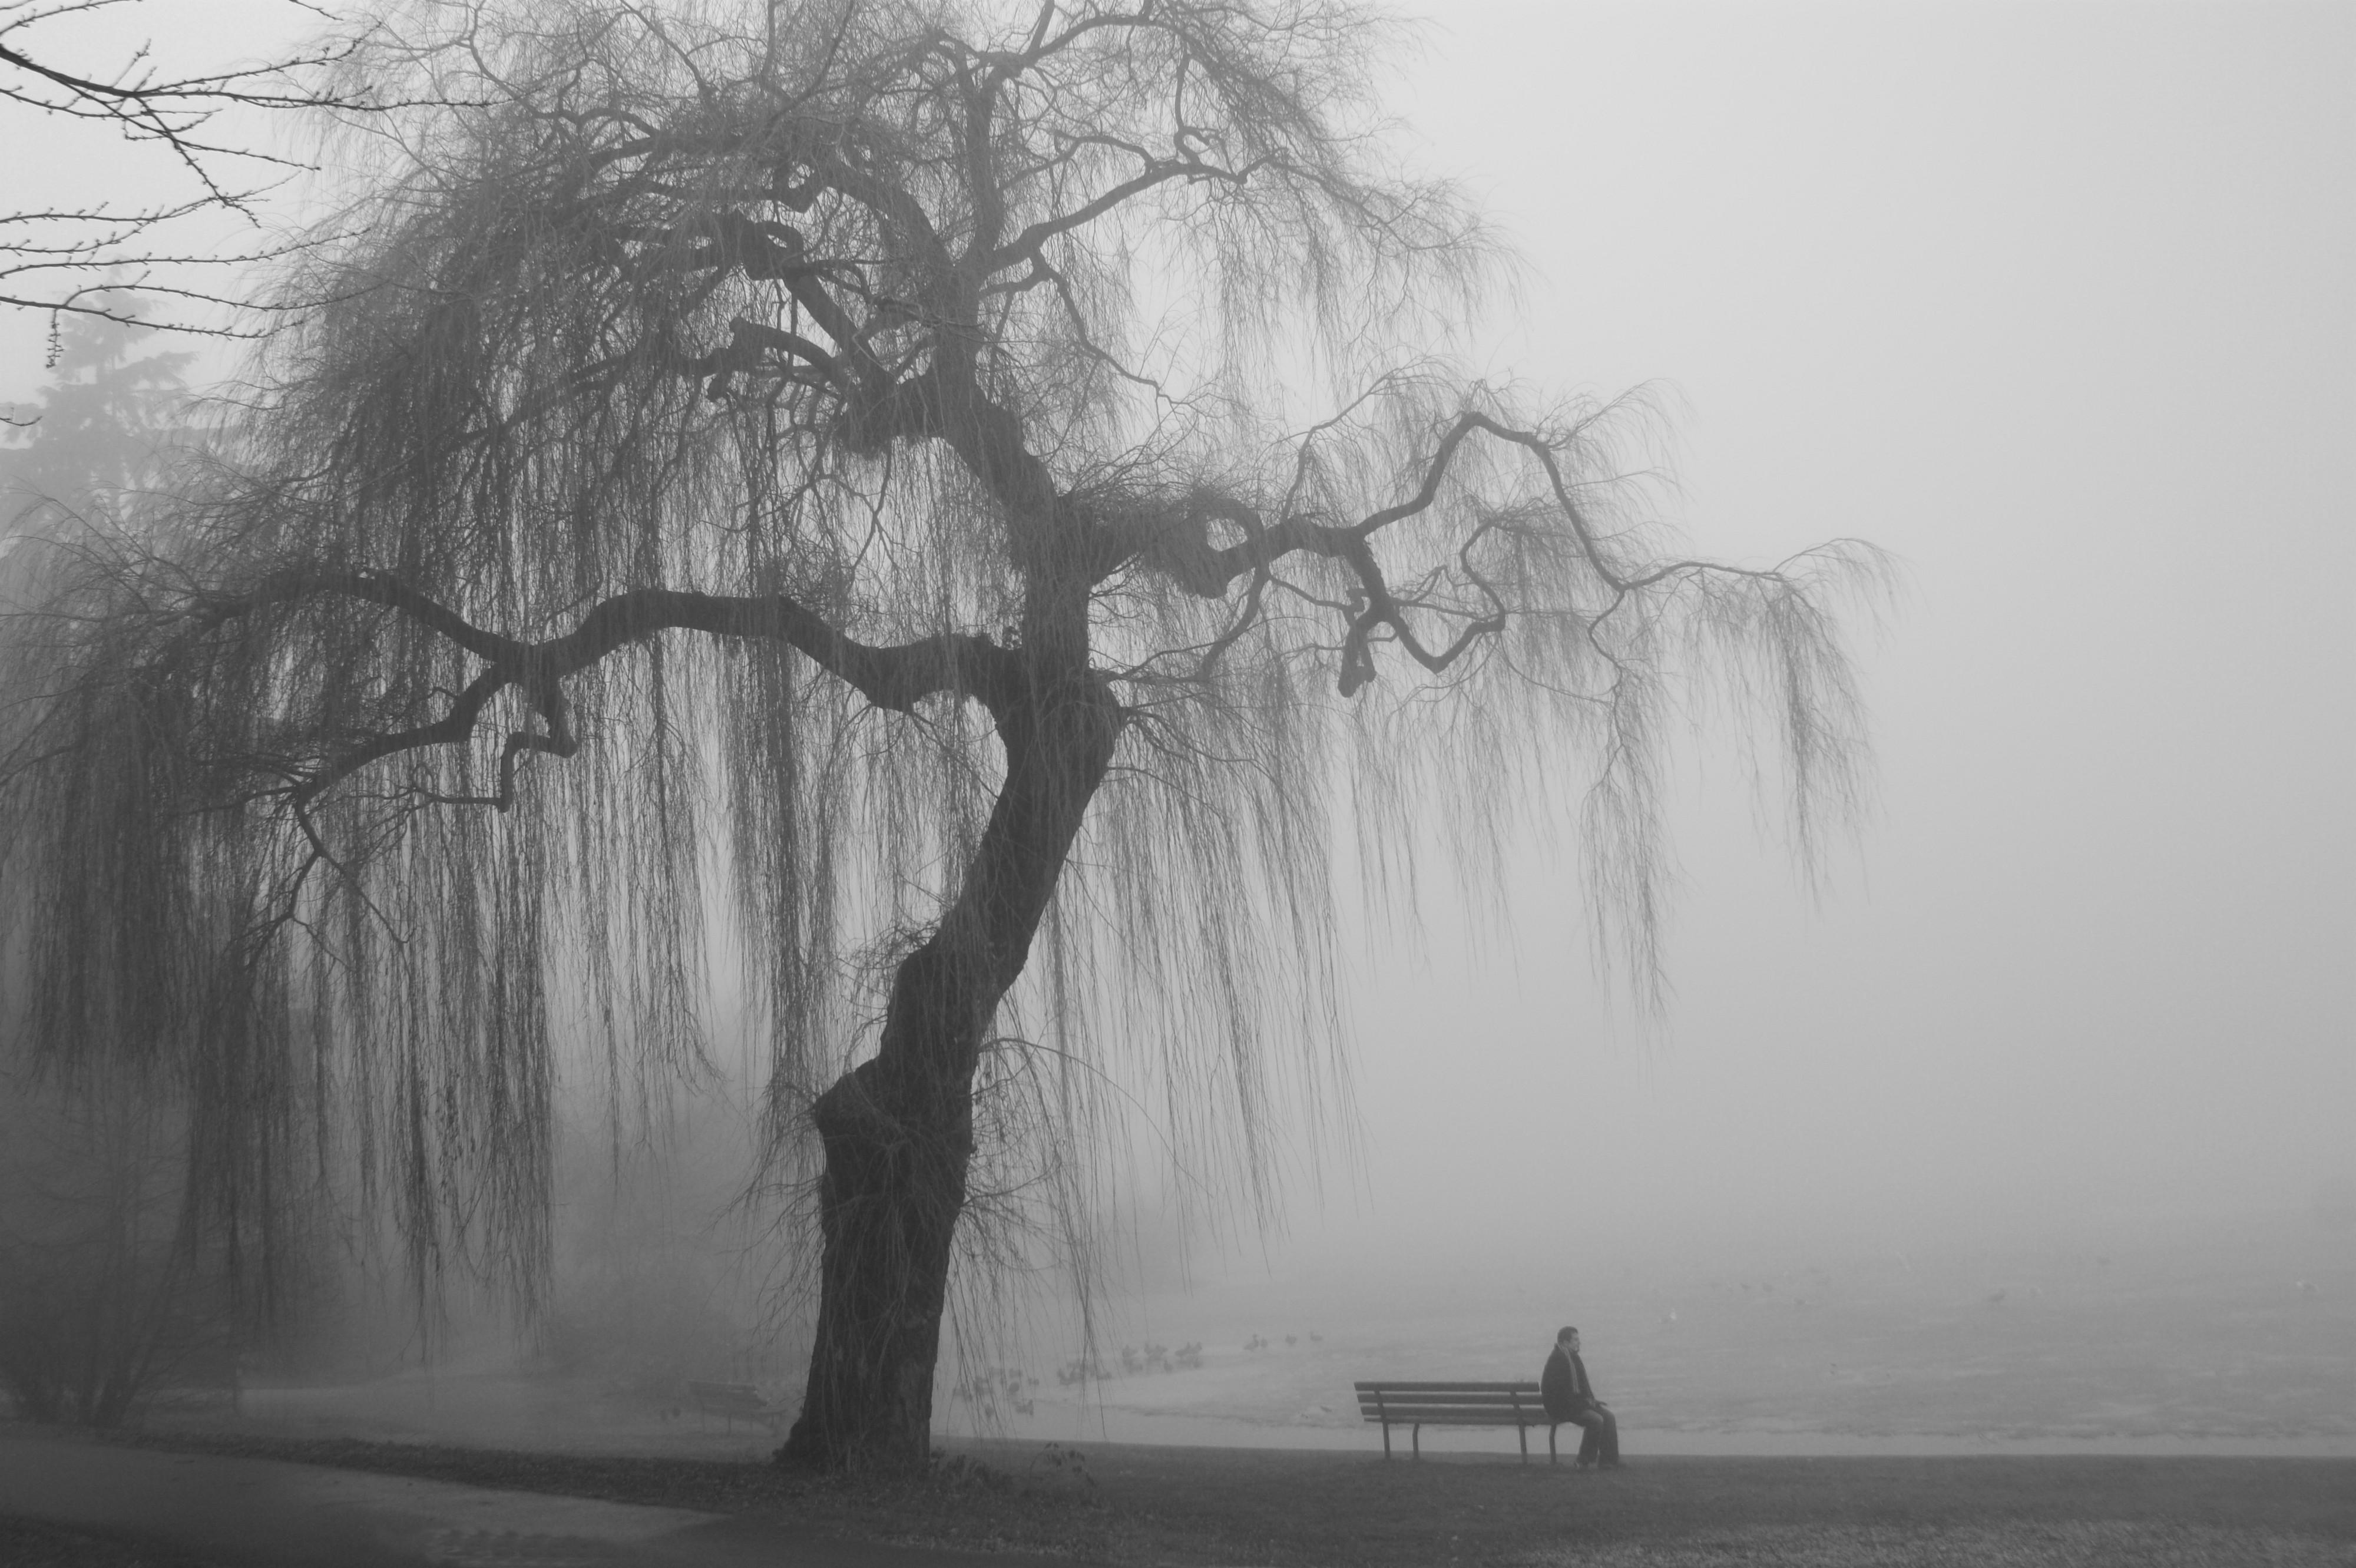 наша открытка картинка одинокого грустного берег над колымой